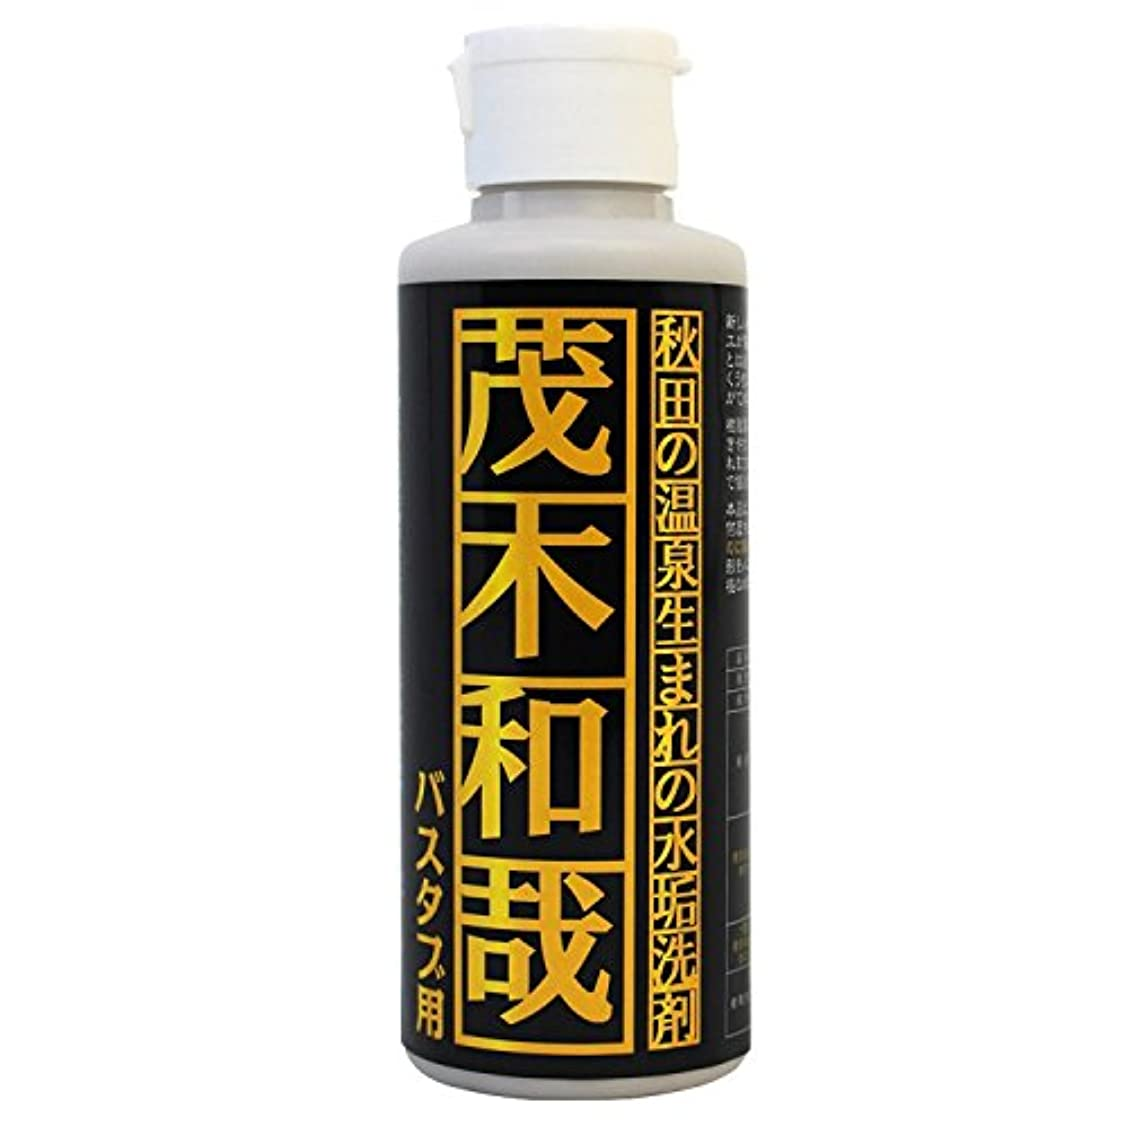 クレデンシャル活性化するコカイン茂木和哉 バスタブ用 水アカ洗剤 150ml